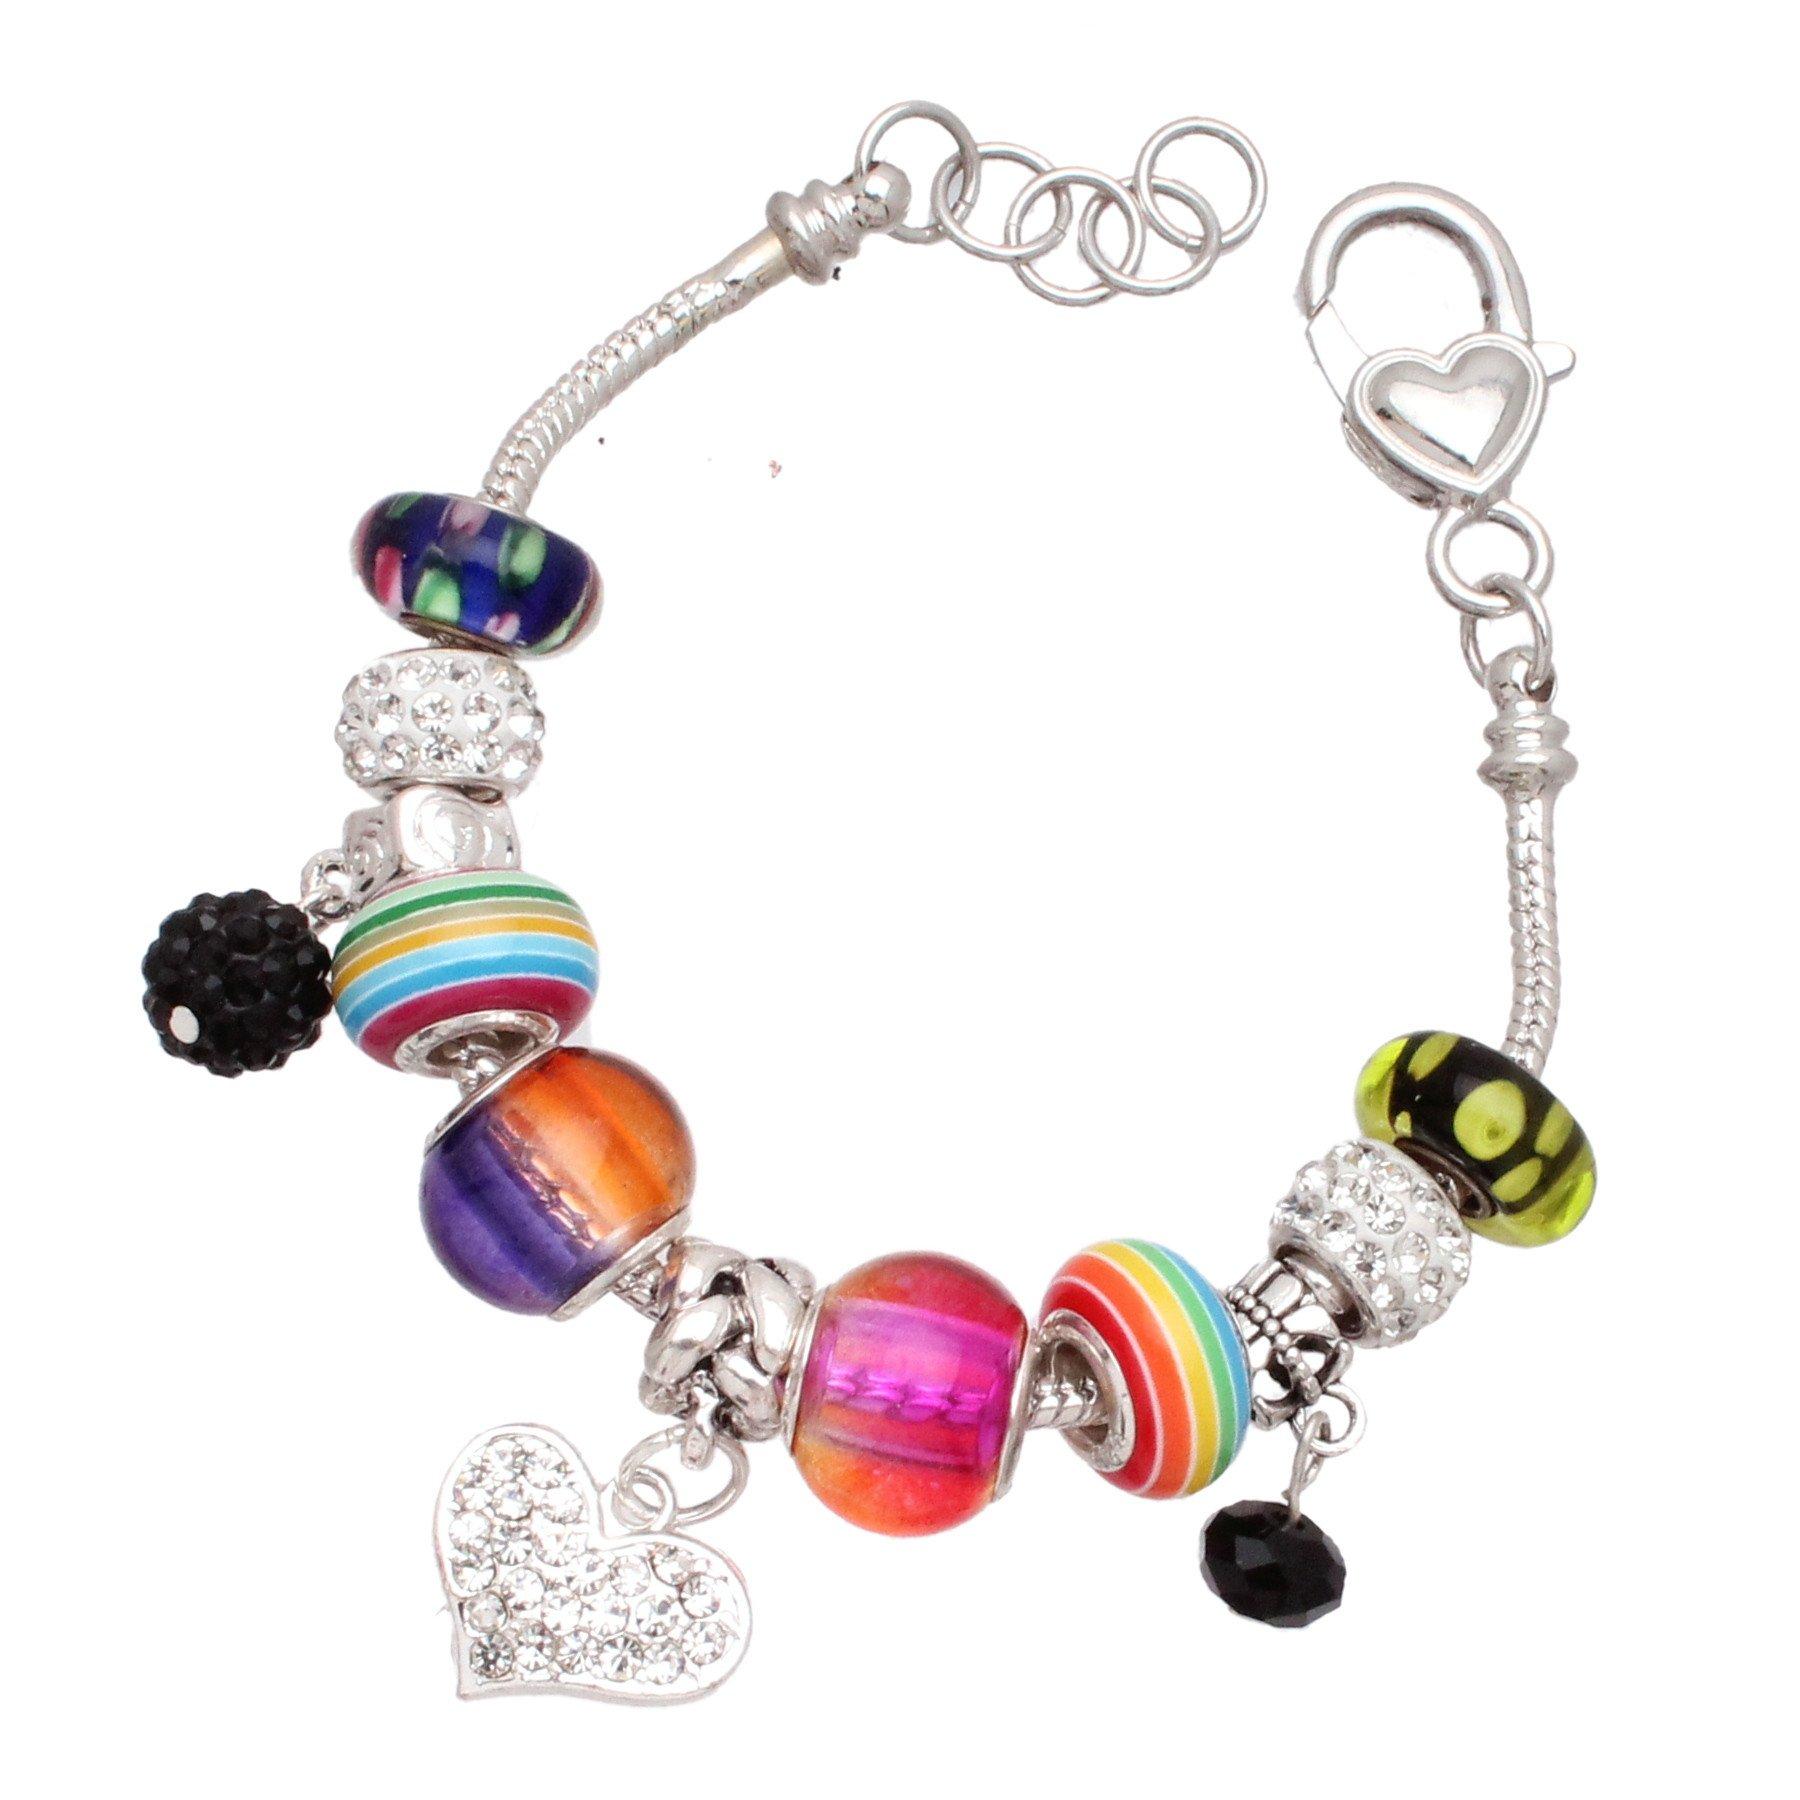 Bleek2Sheek Punky Pop Silver Italian-Style Charm Fashion Bracelet Jewelry